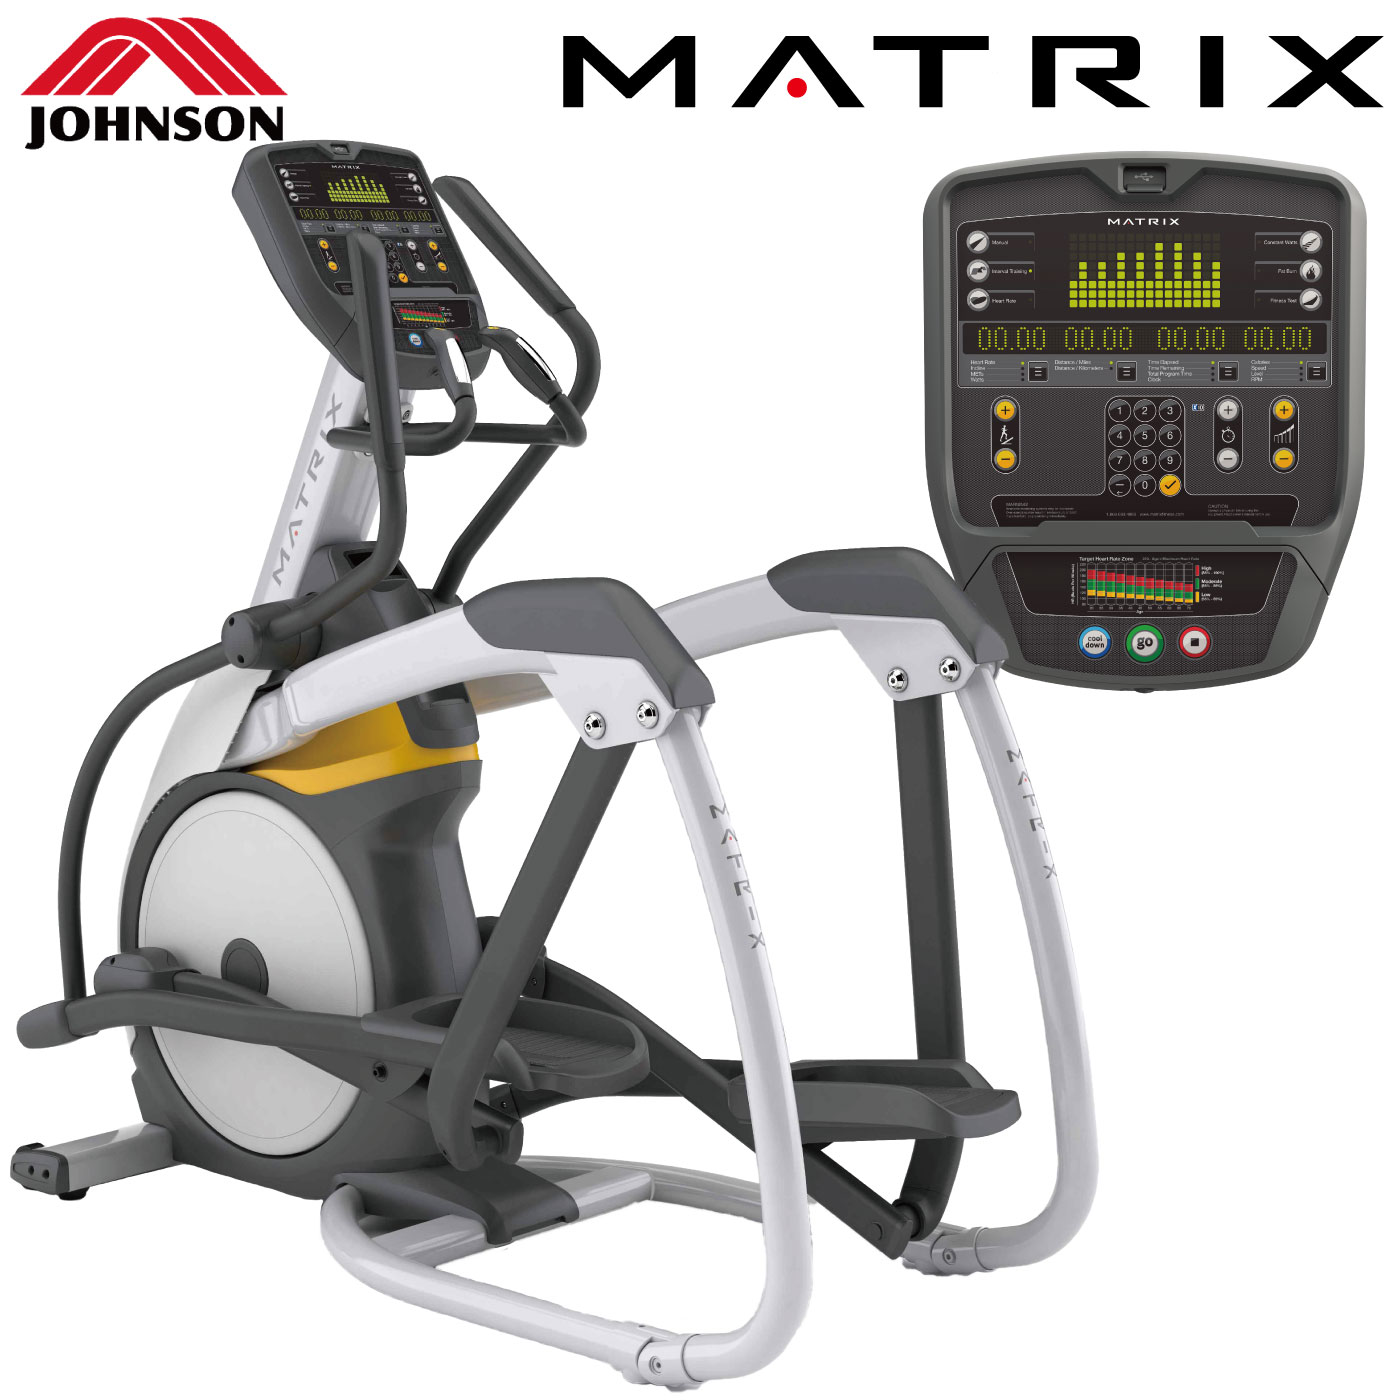 A3x/業務用アセントトレーナー〈業務用MATRIX〉《ジョンソンヘルステック》